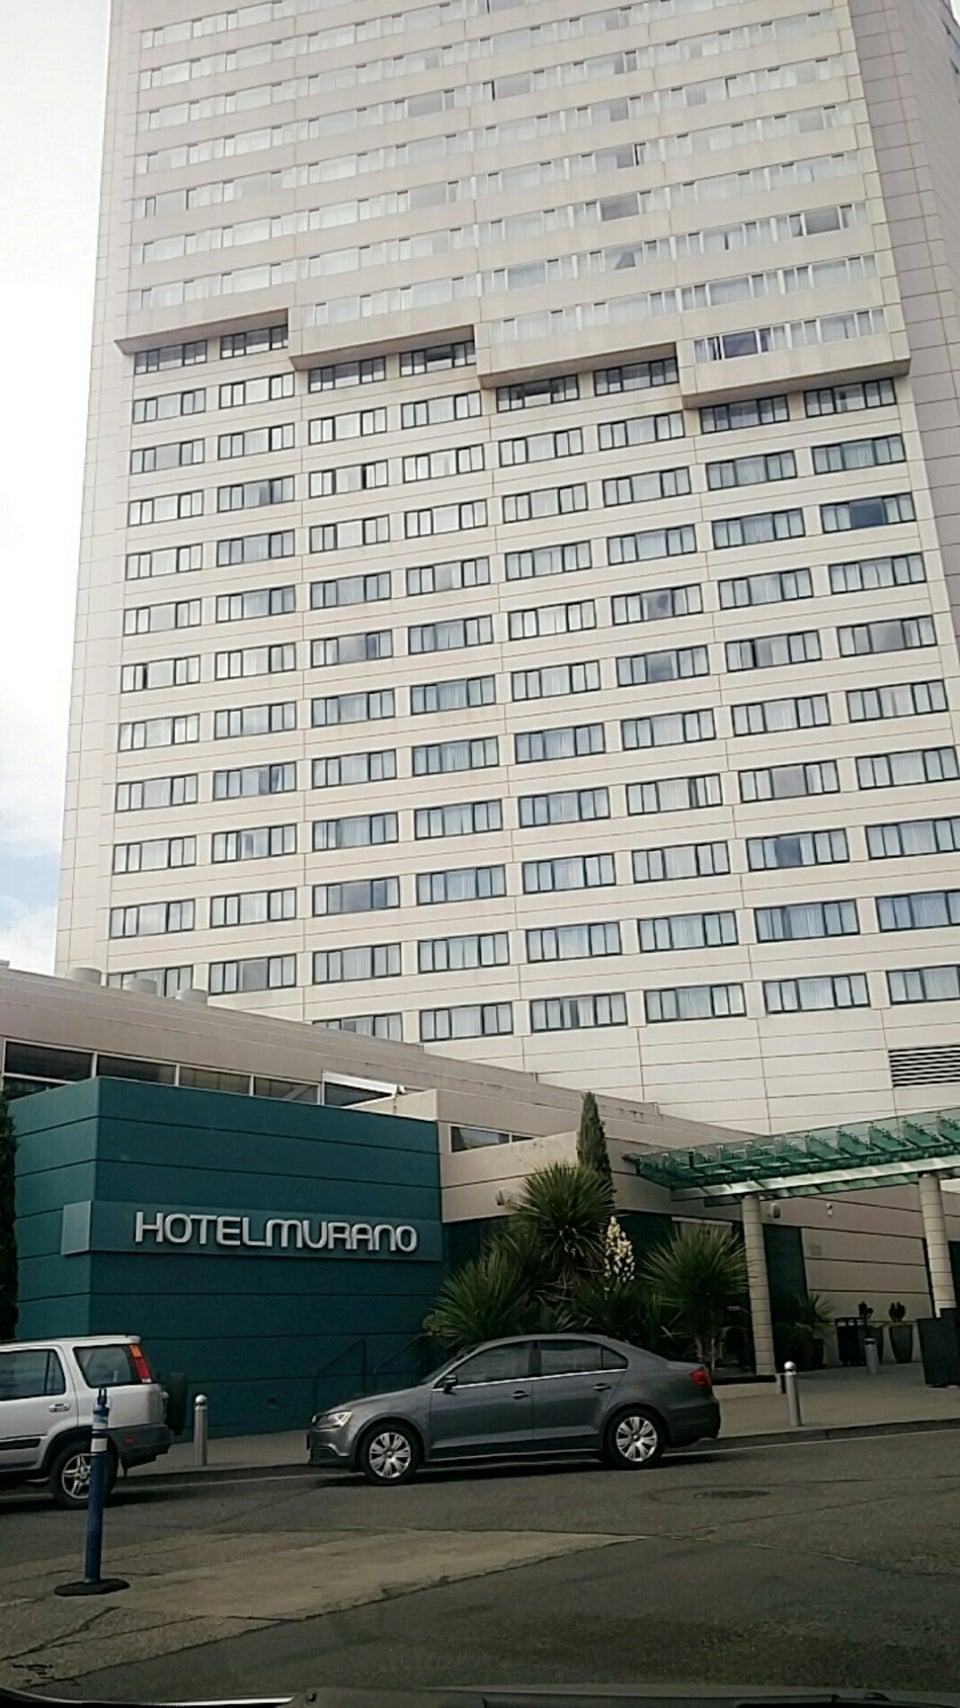 Photo of Hotel Murano